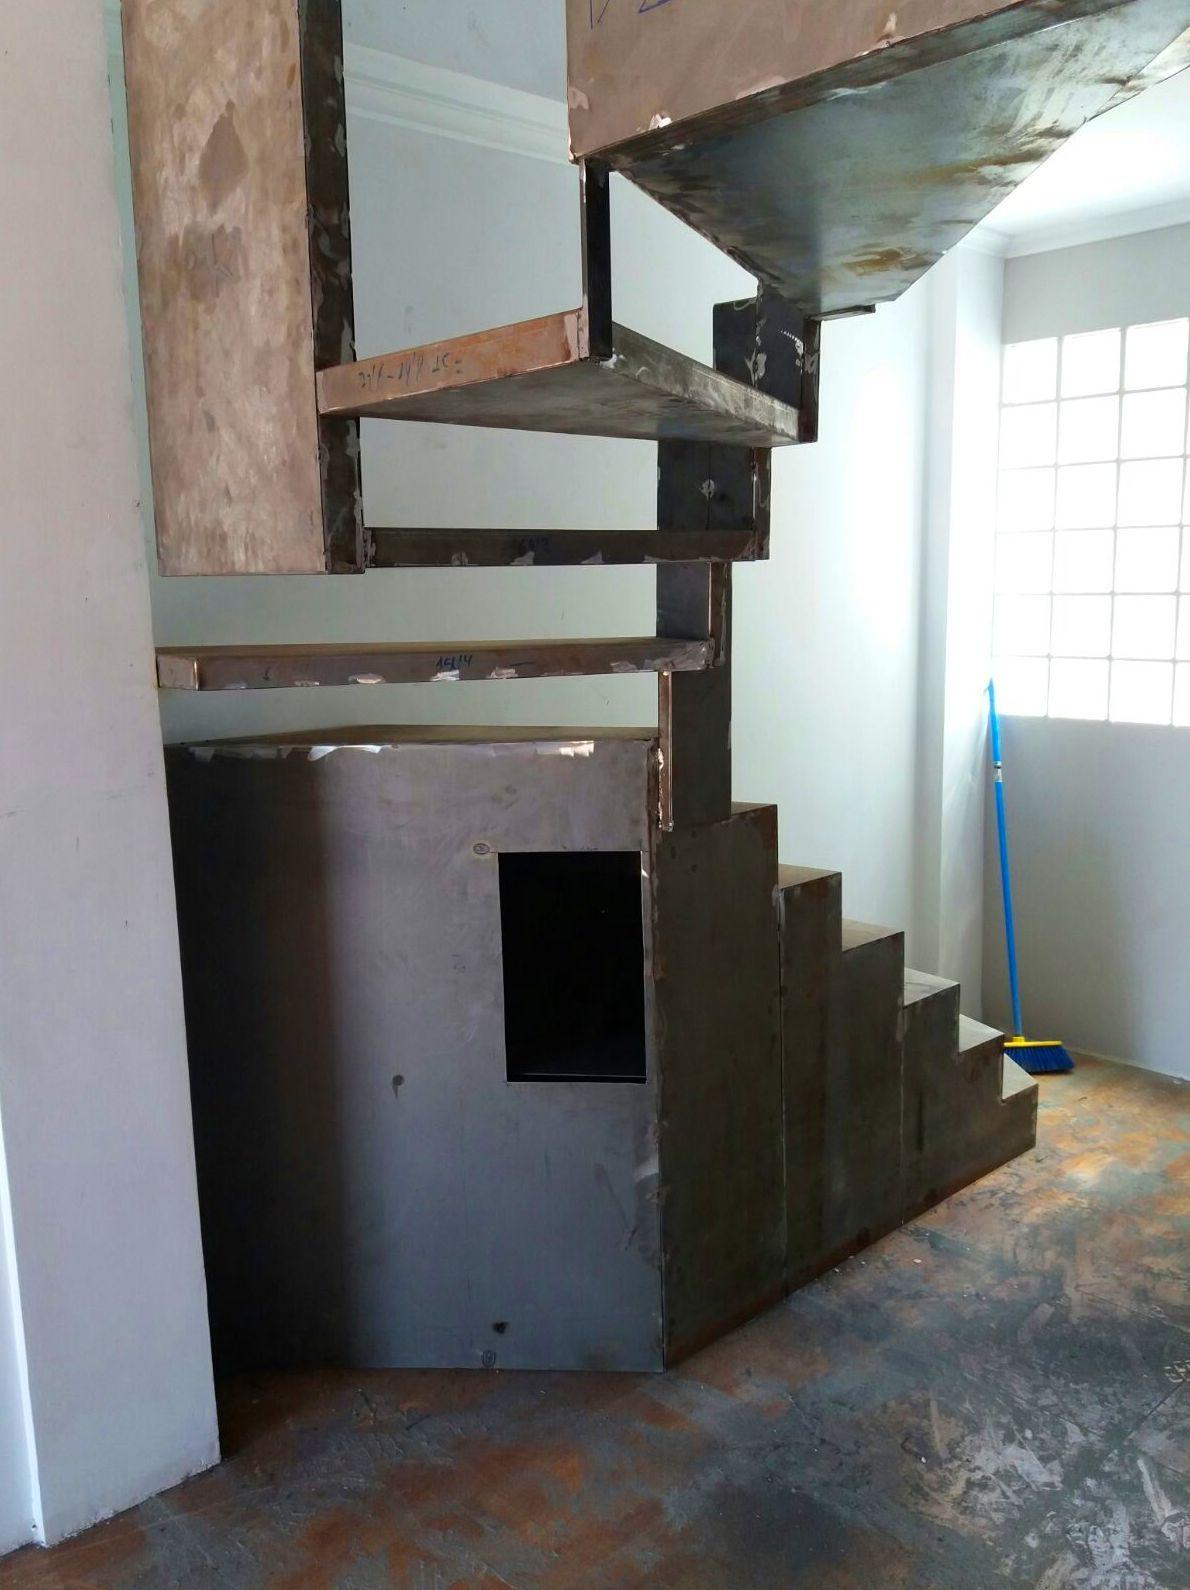 Escalera de caracol en recto realizada con chapa